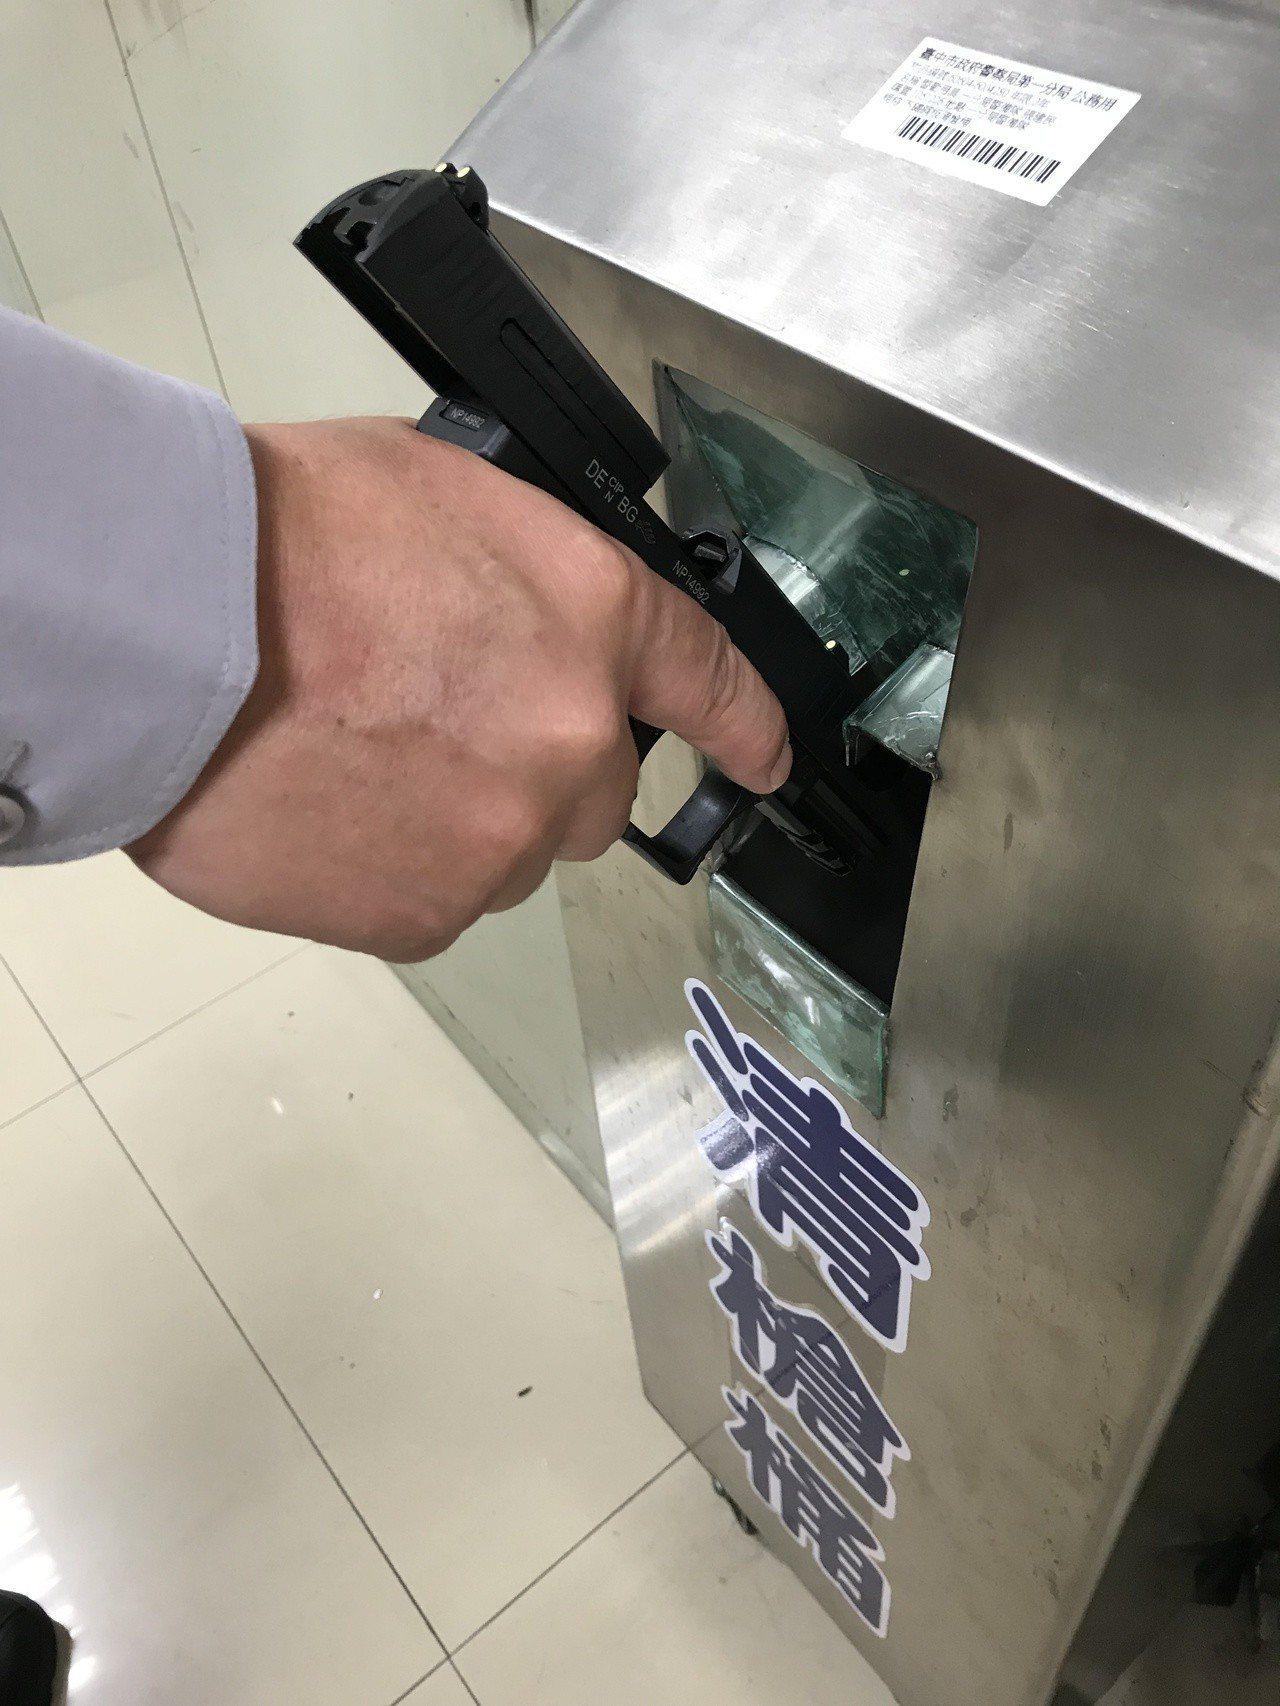 台中市警員確認槍管與彈室無子彈後釋放滑套,搶身抵住清搶桶、釋放板機,完全正確的清...